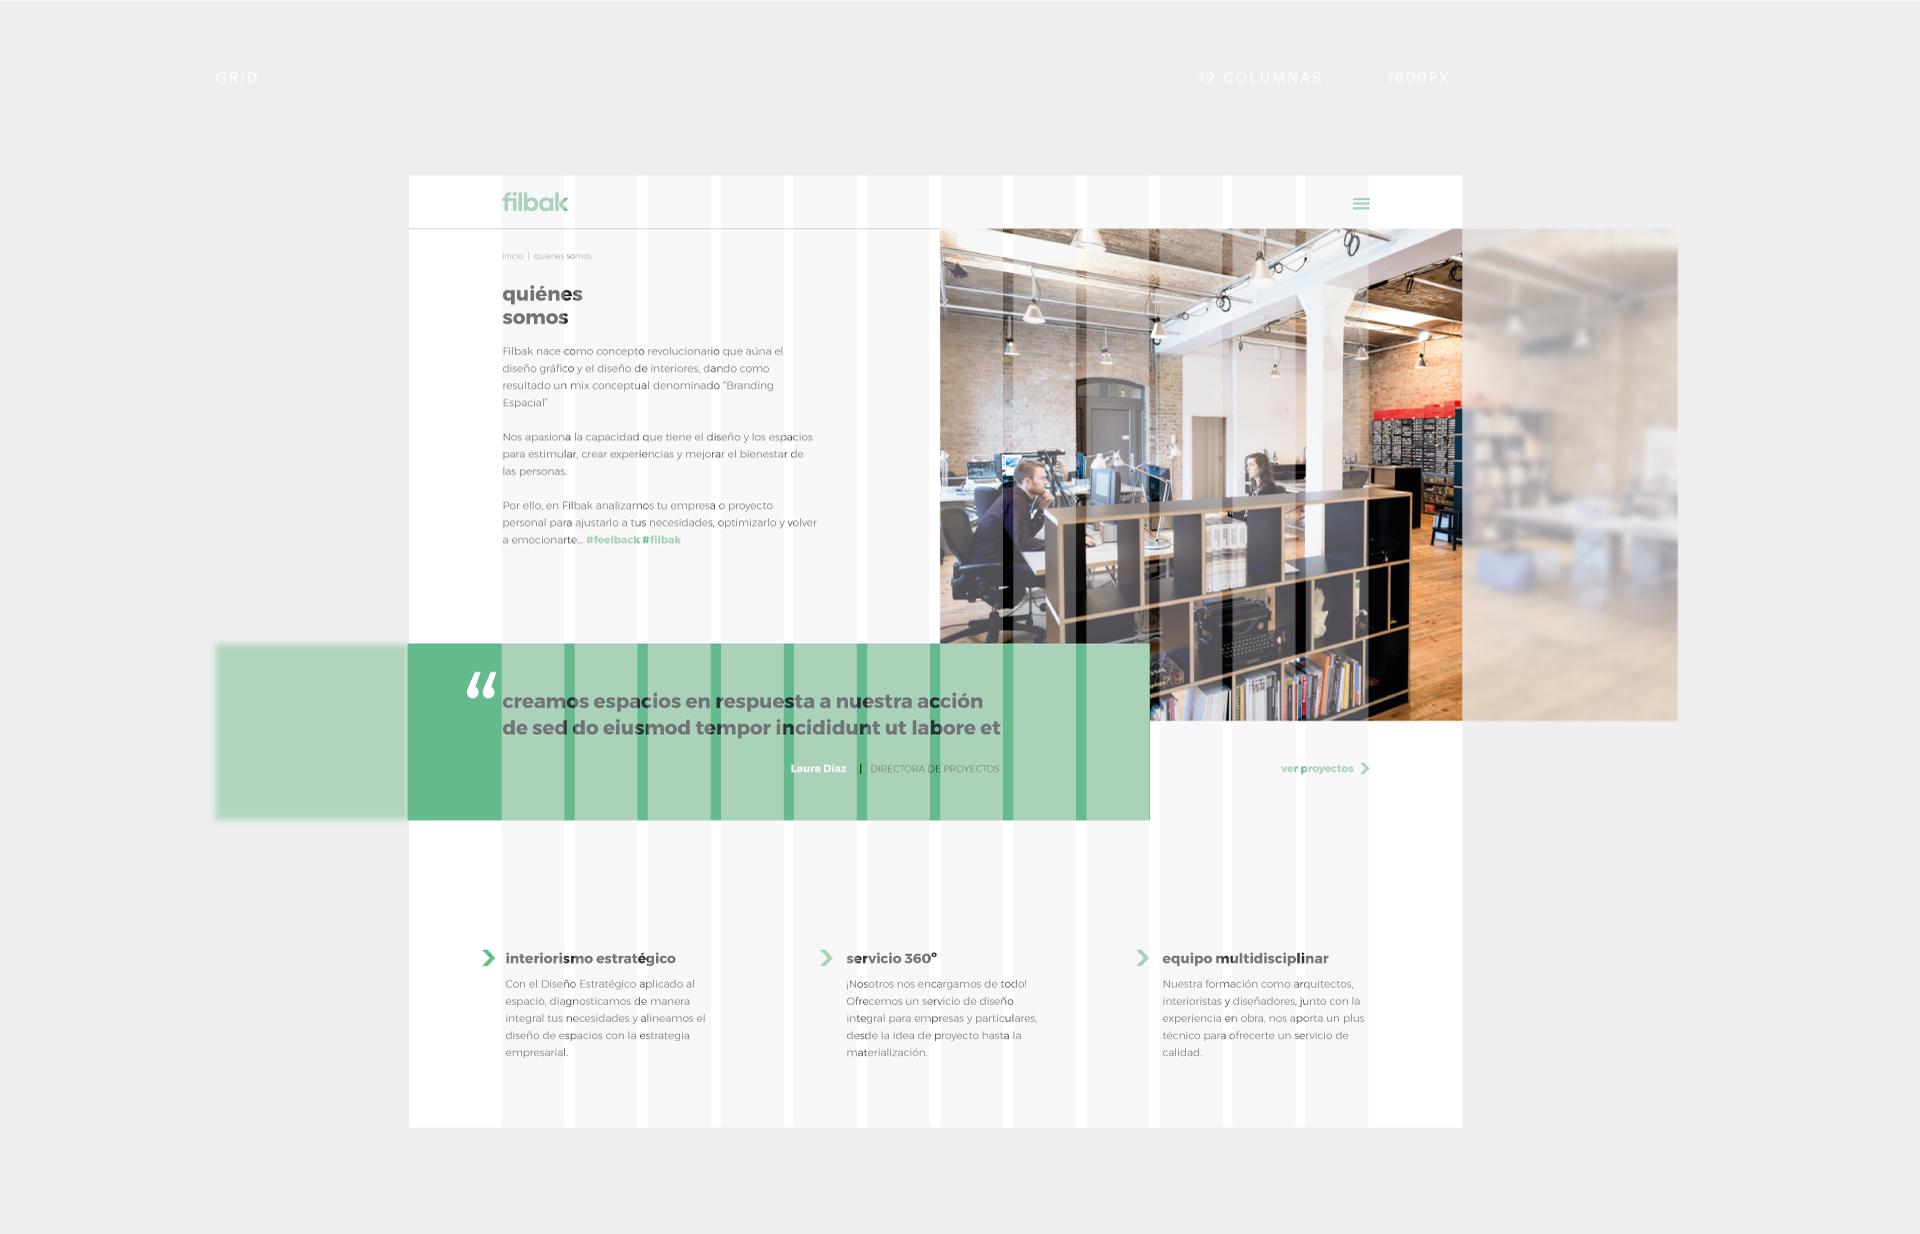 Retícula usada en el diseño de la web de Filbak